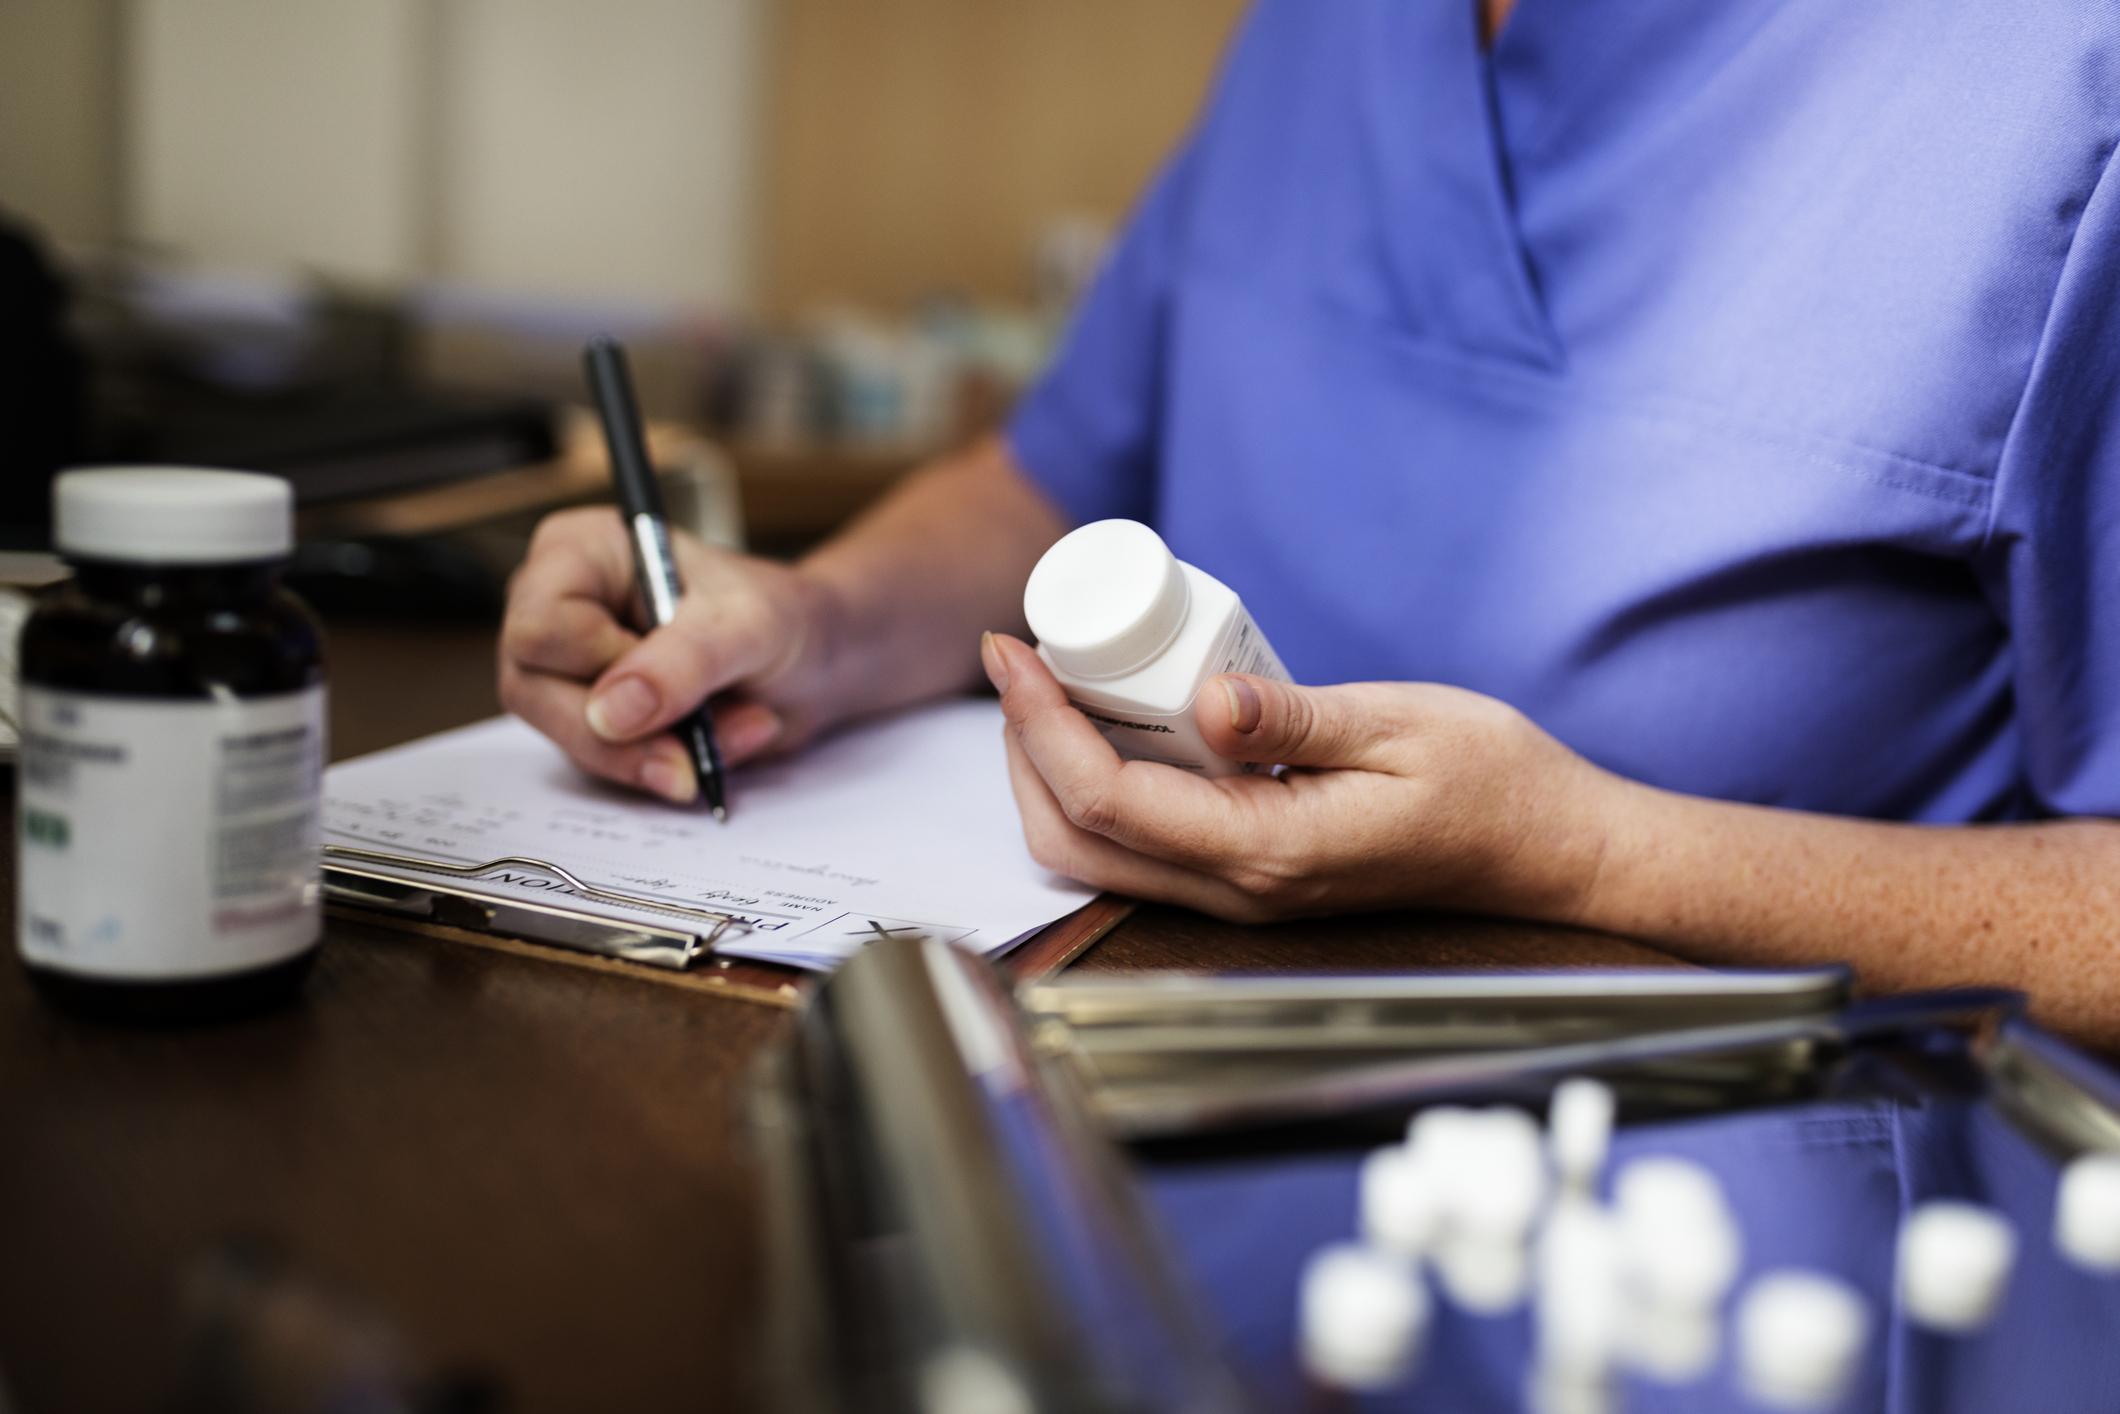 Тверская область получит 53 миллиона рублей на бесплатные лекарства от коронавируса